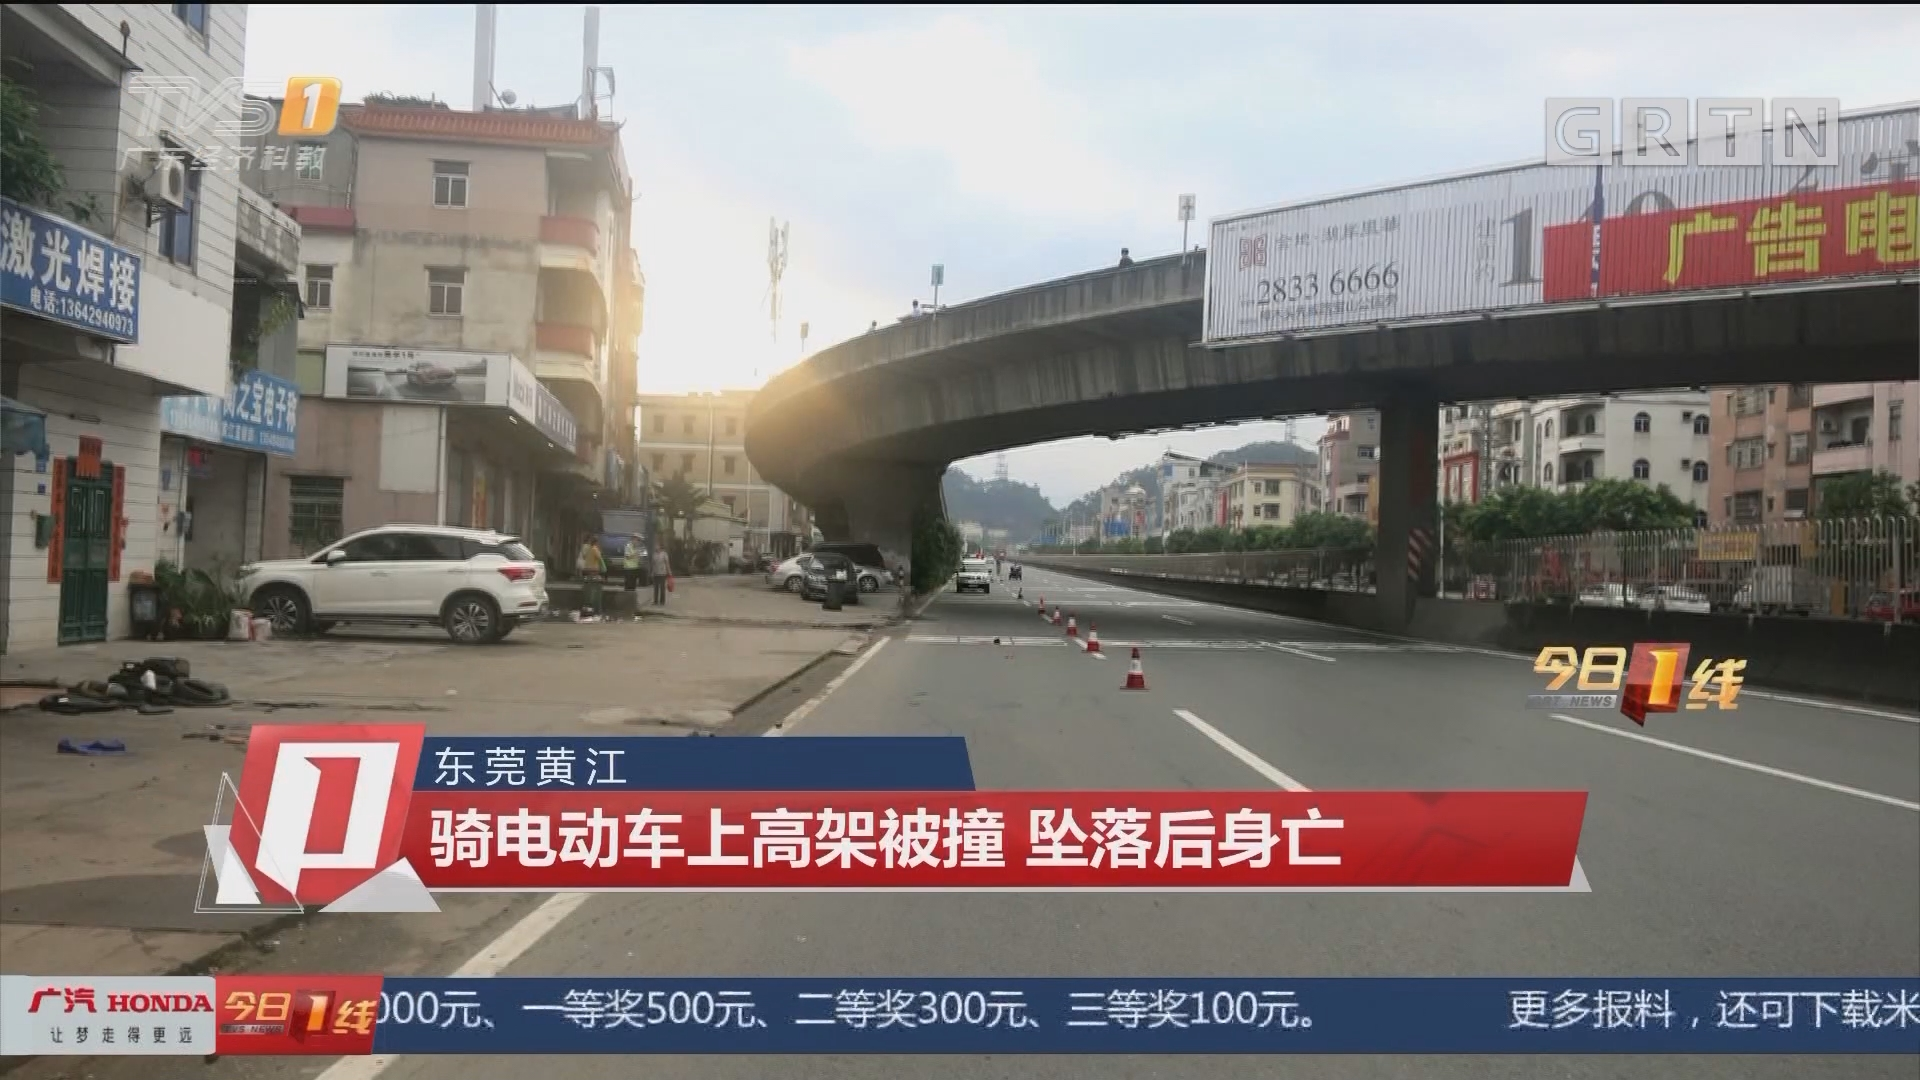 东莞黄江 骑电动车上高架被撞 坠落后身亡